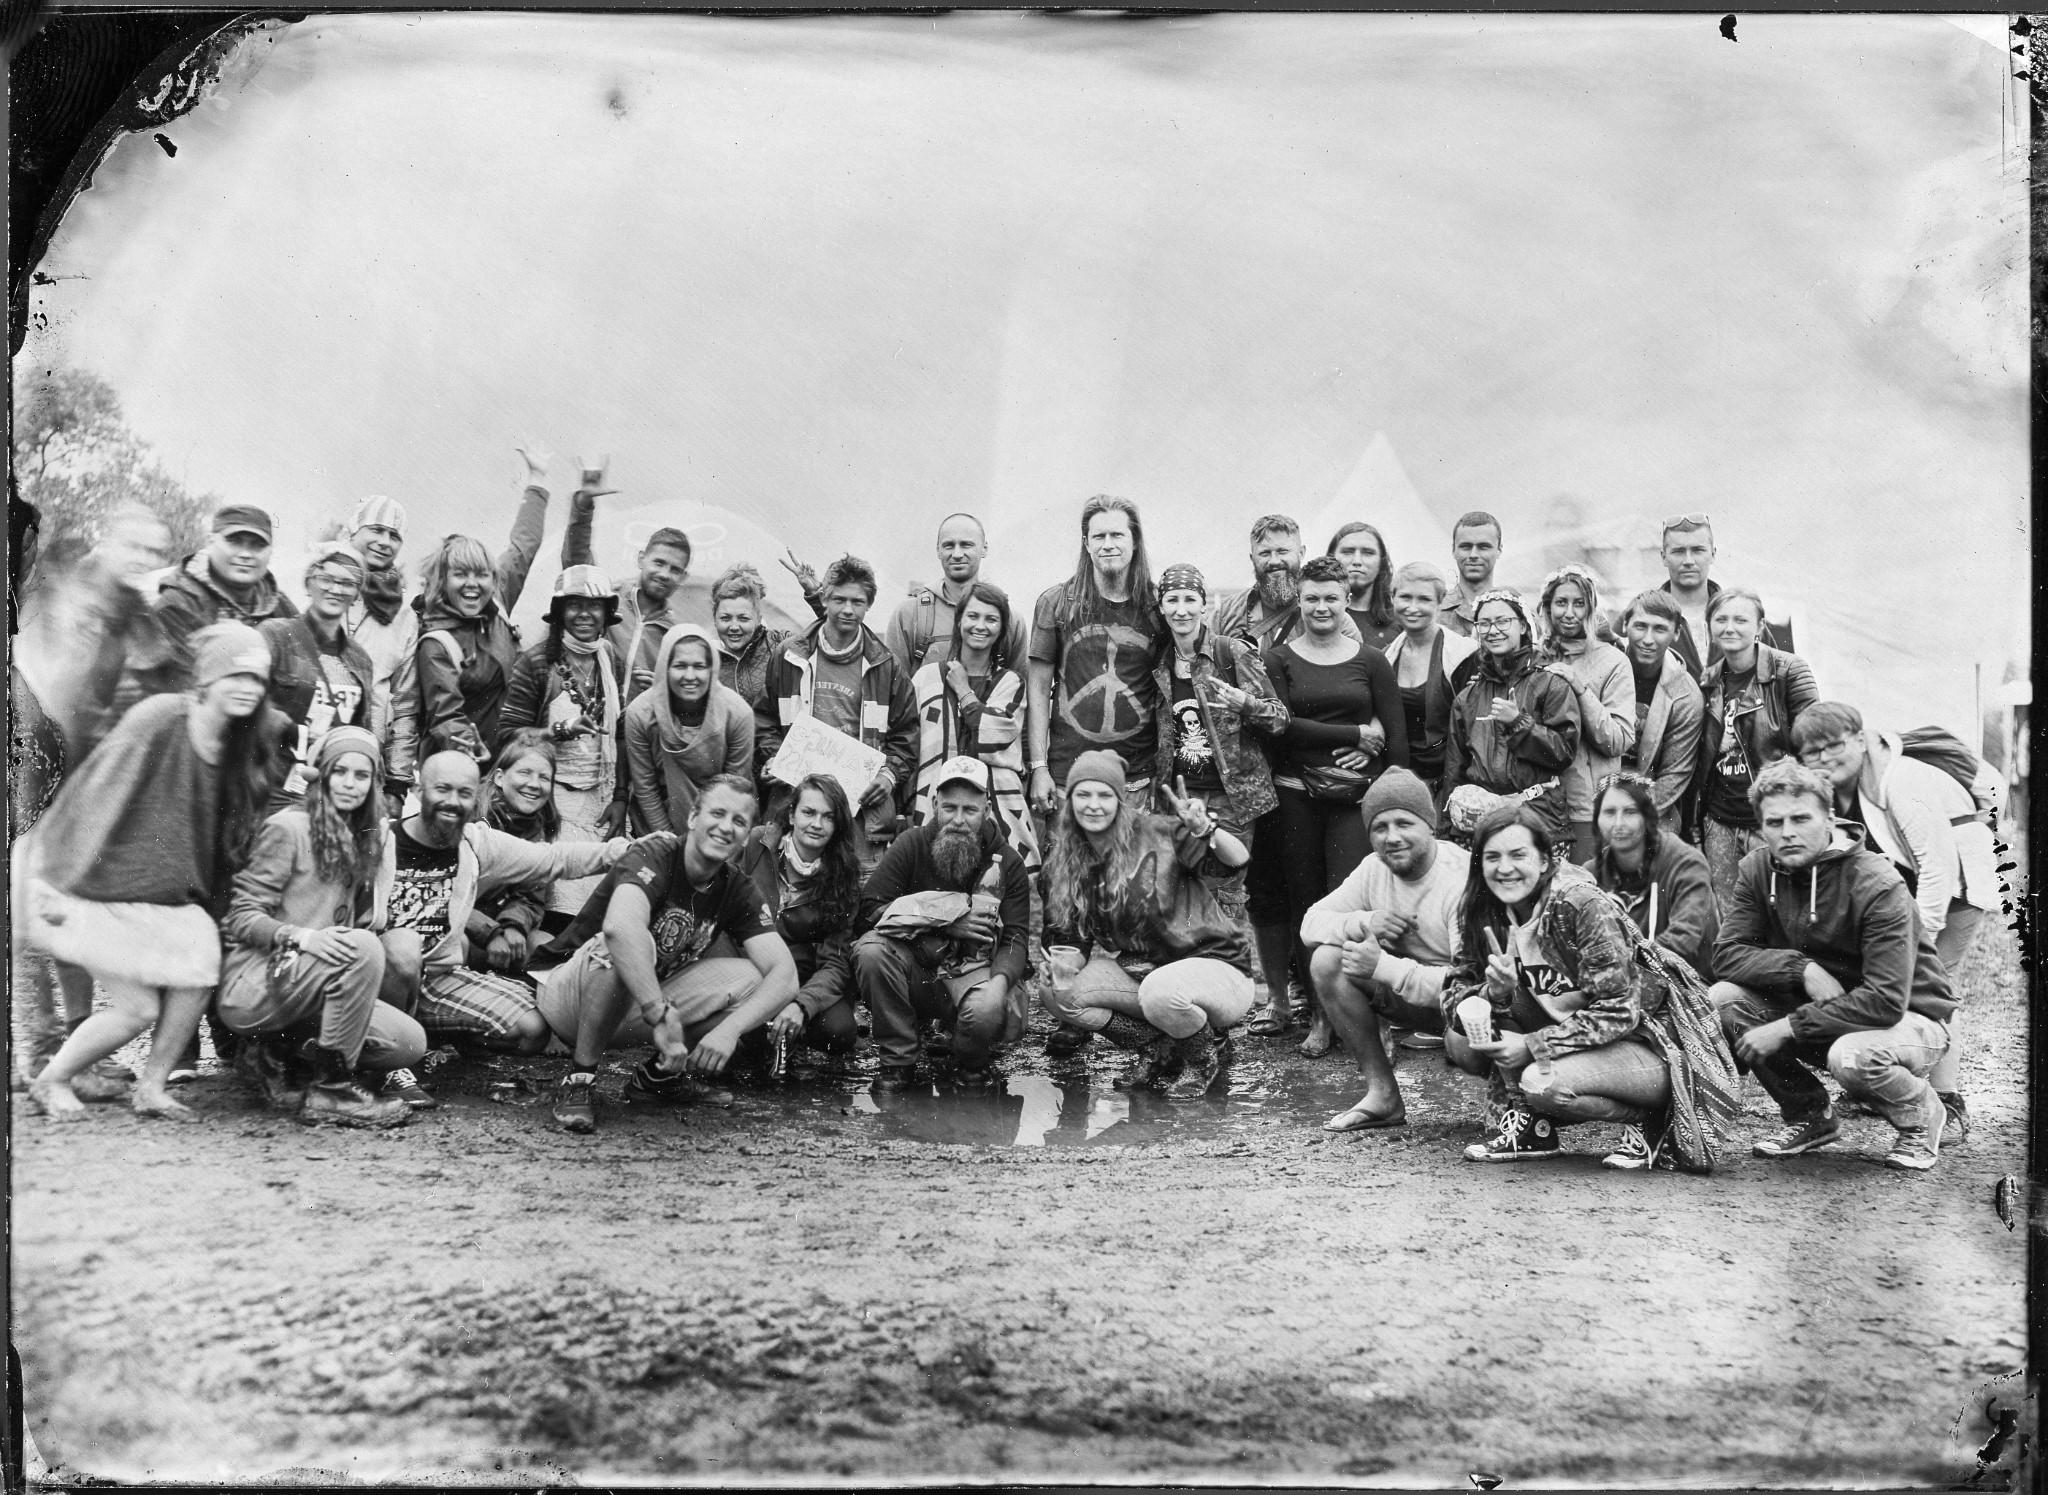 Przystanek Woodstock 2016 - Mokry Kolodion - Street Collodion Art (1)